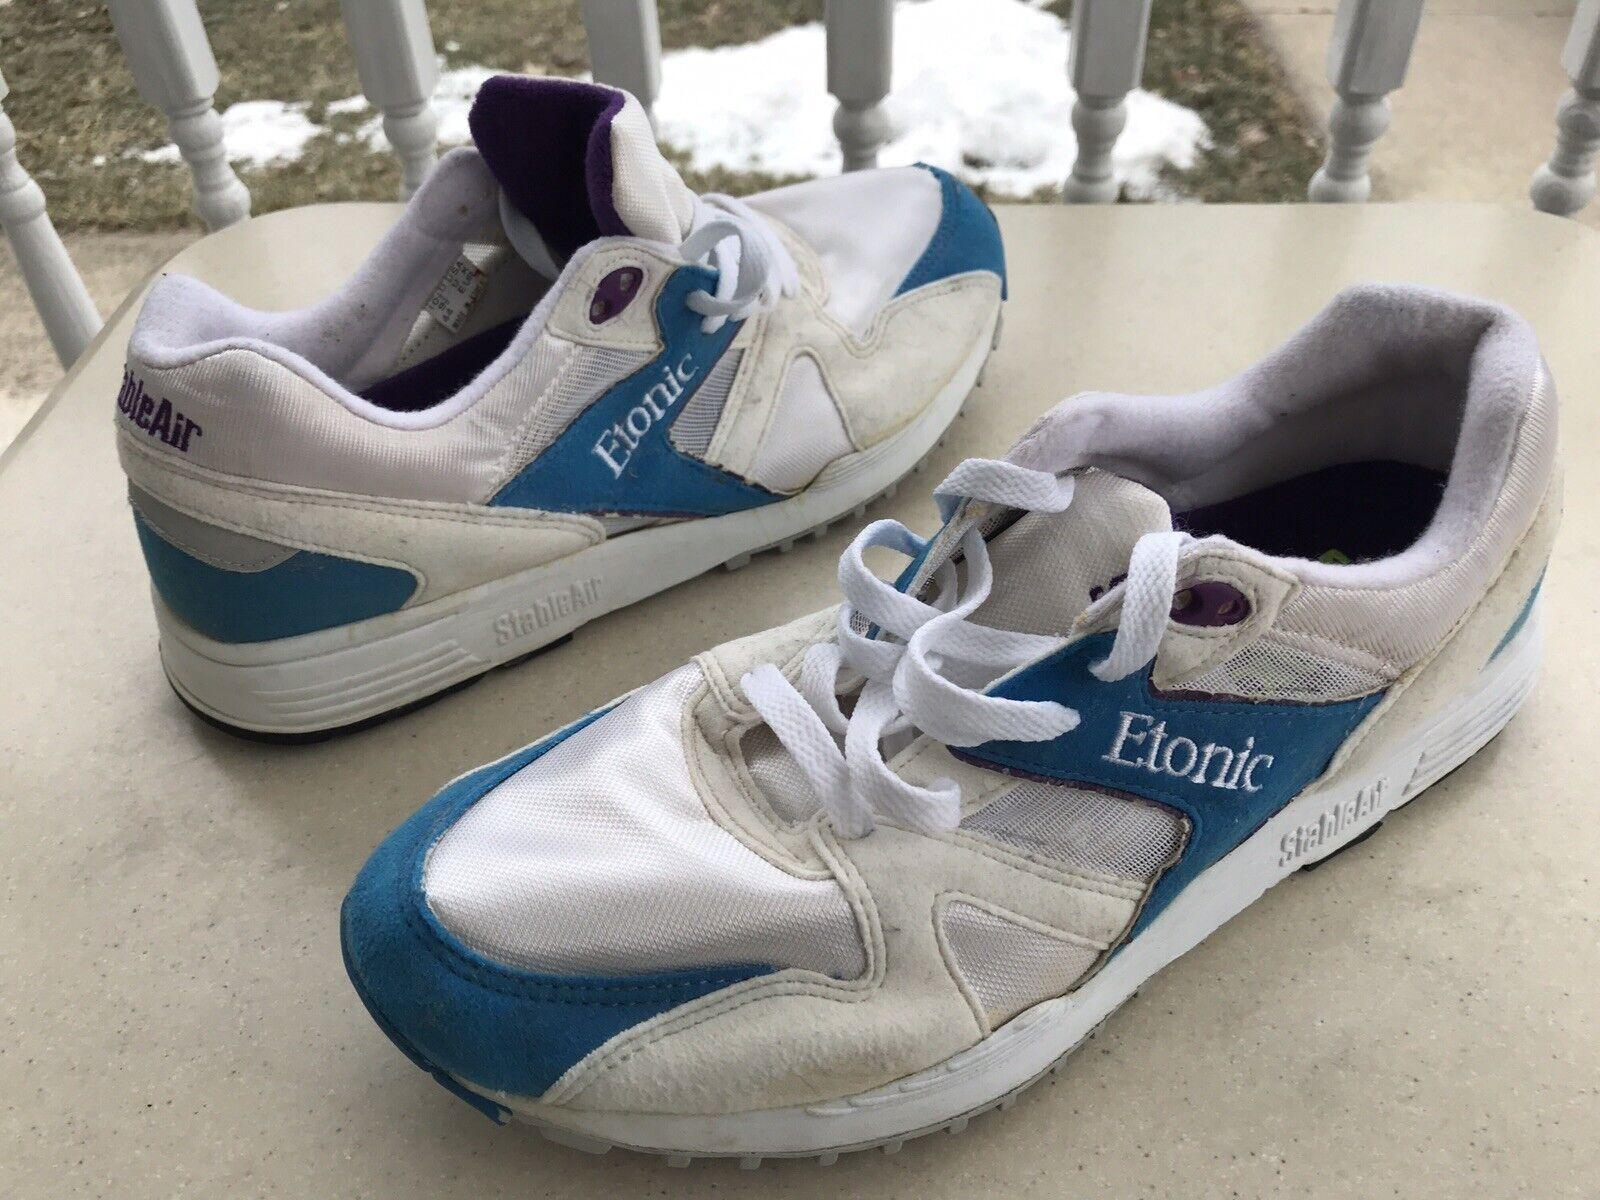 Vtg. ETONIC Stable Air US 10.5, UK 9.5 Running shoes Sneakers, 80's Korea